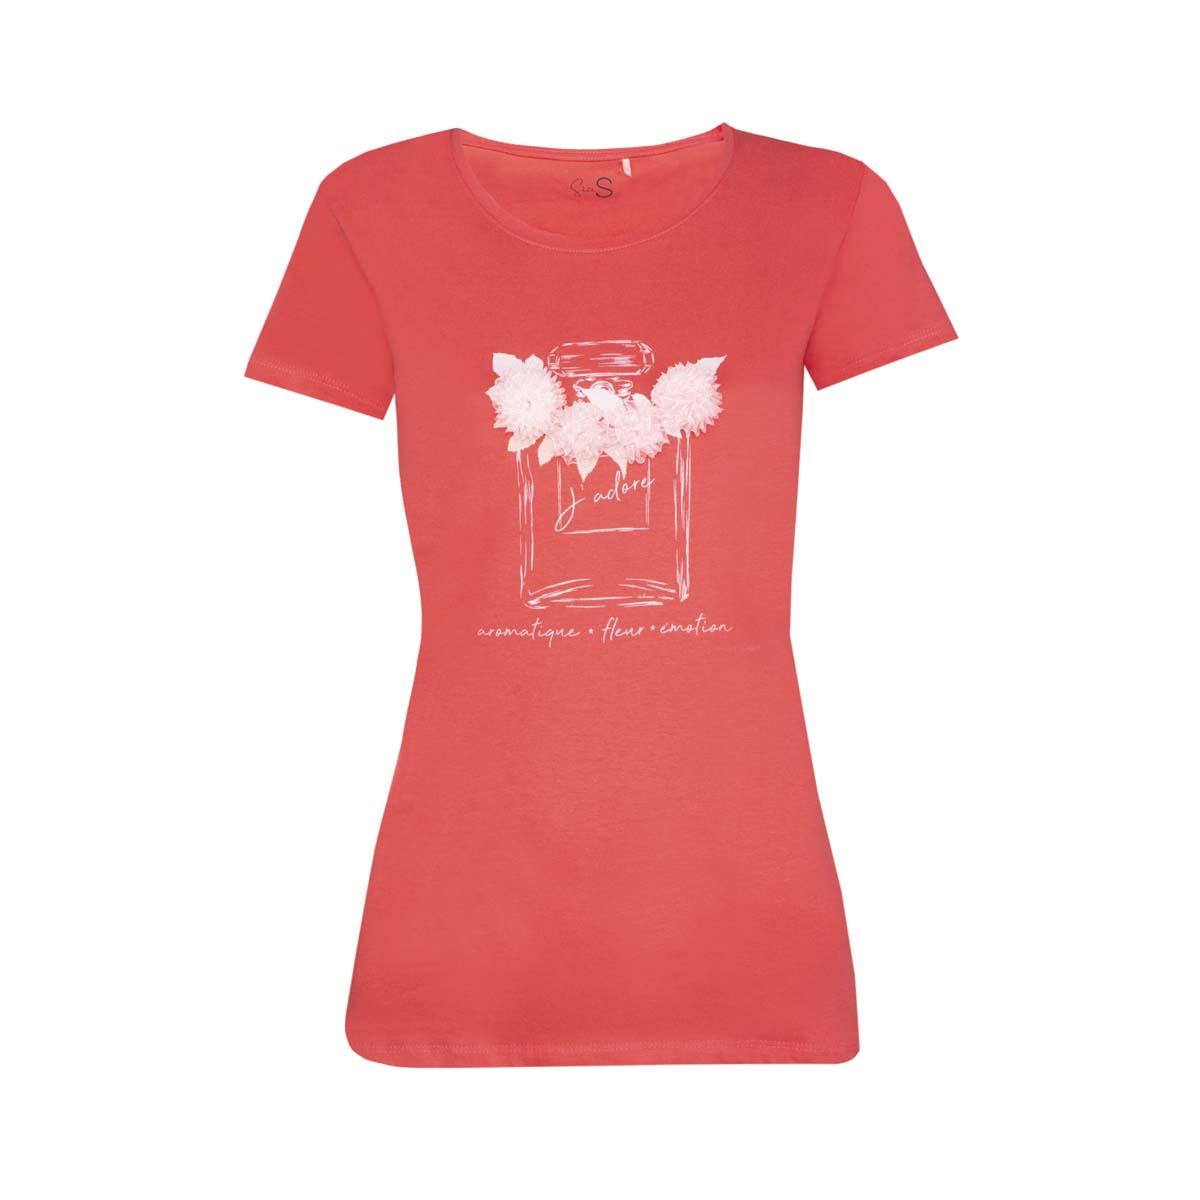 Ženska majica, svetlo rdeča